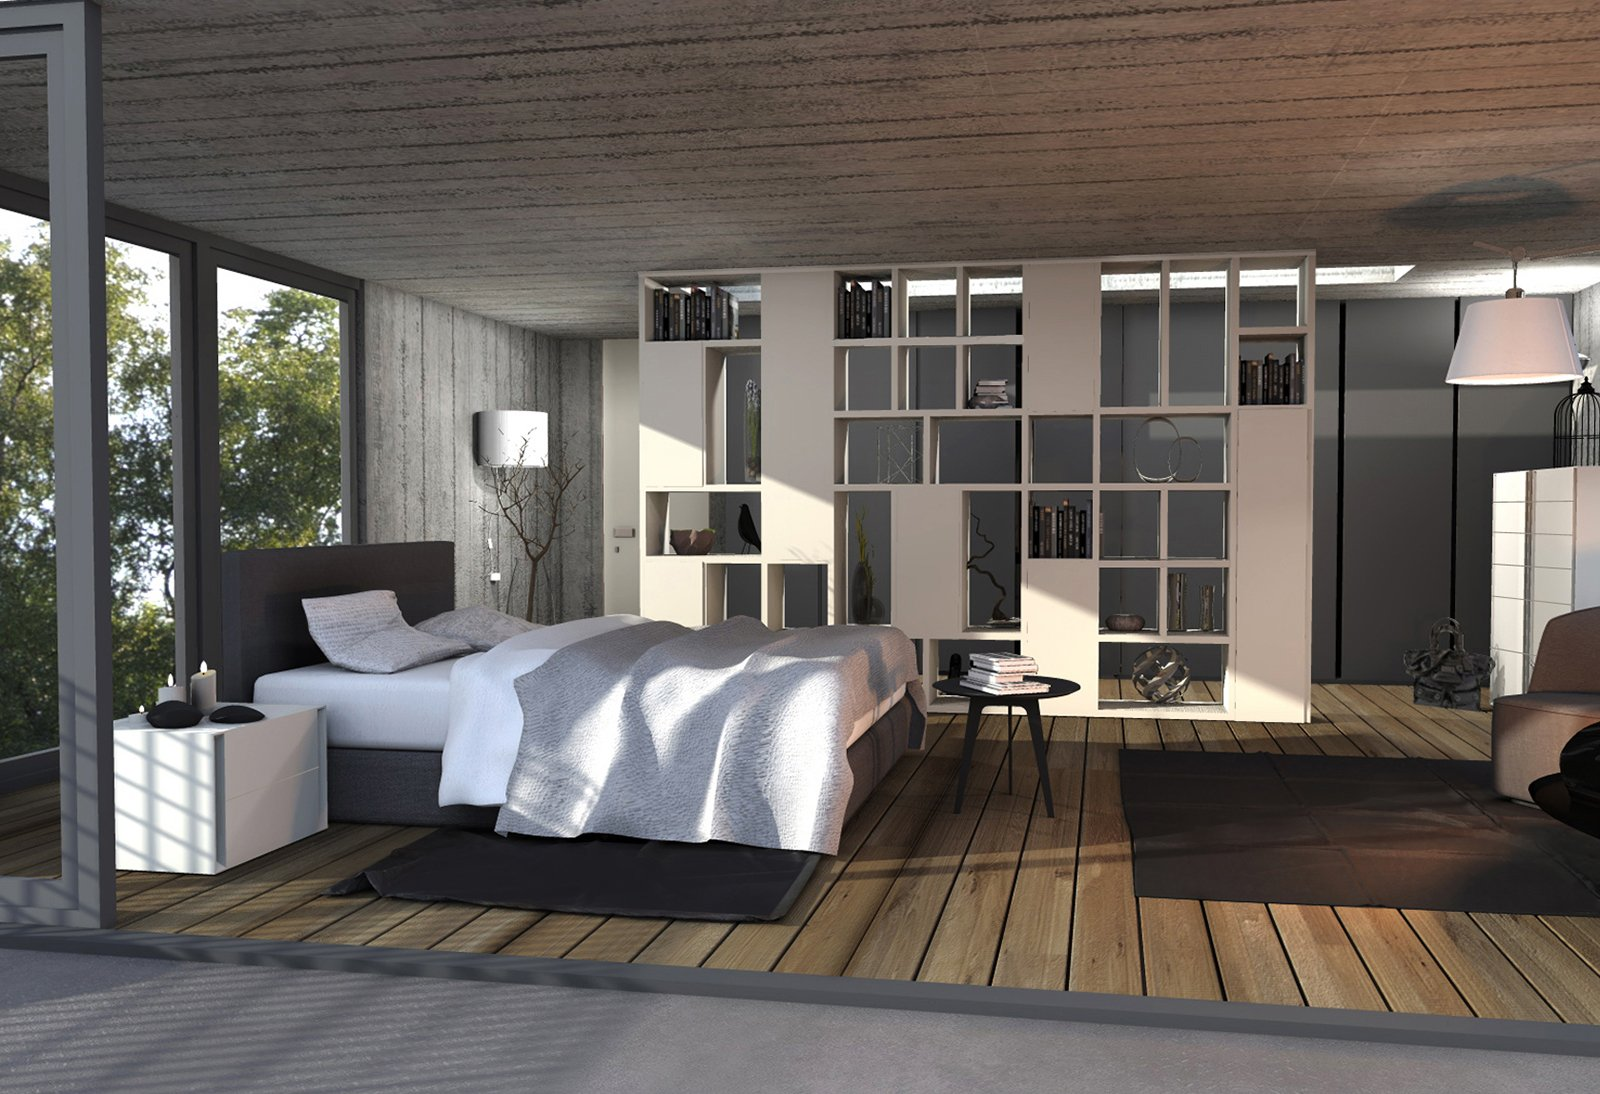 Design Camere Da Letto : Arredare la camera da letto: un progetto di interior design cose